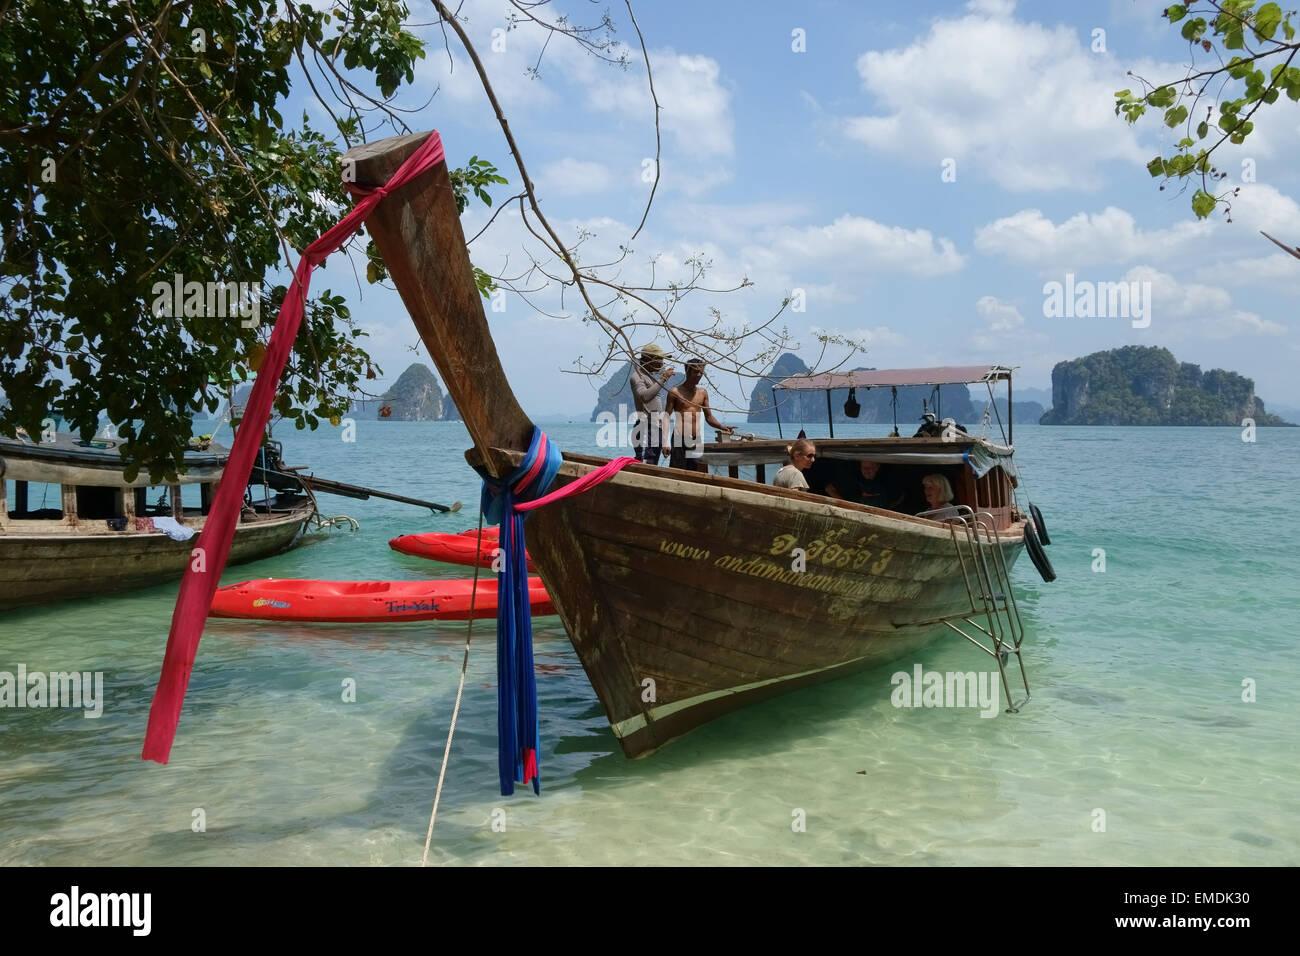 Ein Tourist Longtail-Boot vor Anker mit Kajaks am Strand auf Koh Hong in der Andamanensee vor der Provinz Krabi Stockbild